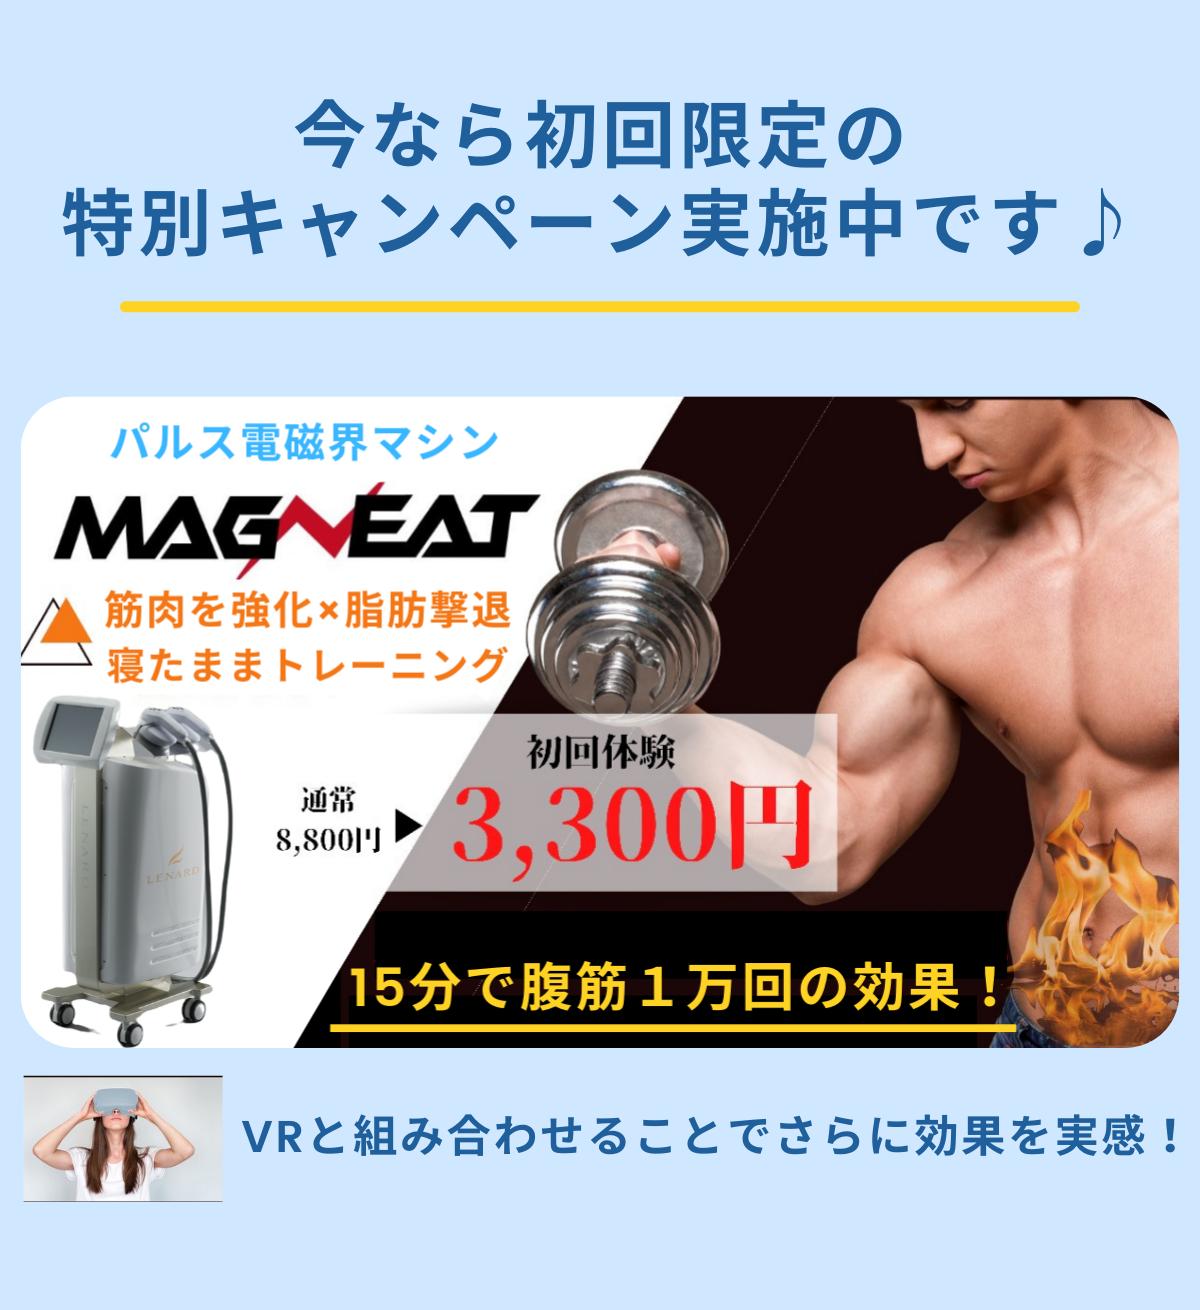 今なら初回限定の特別キャンペーン実施中です!パルス電磁界マシン「マグニート」!筋肉を強化×脂肪撃退!寝たままトレーニング!15分で腹筋1万回の効果!VRと組み合わせることでさらに効果を実感!